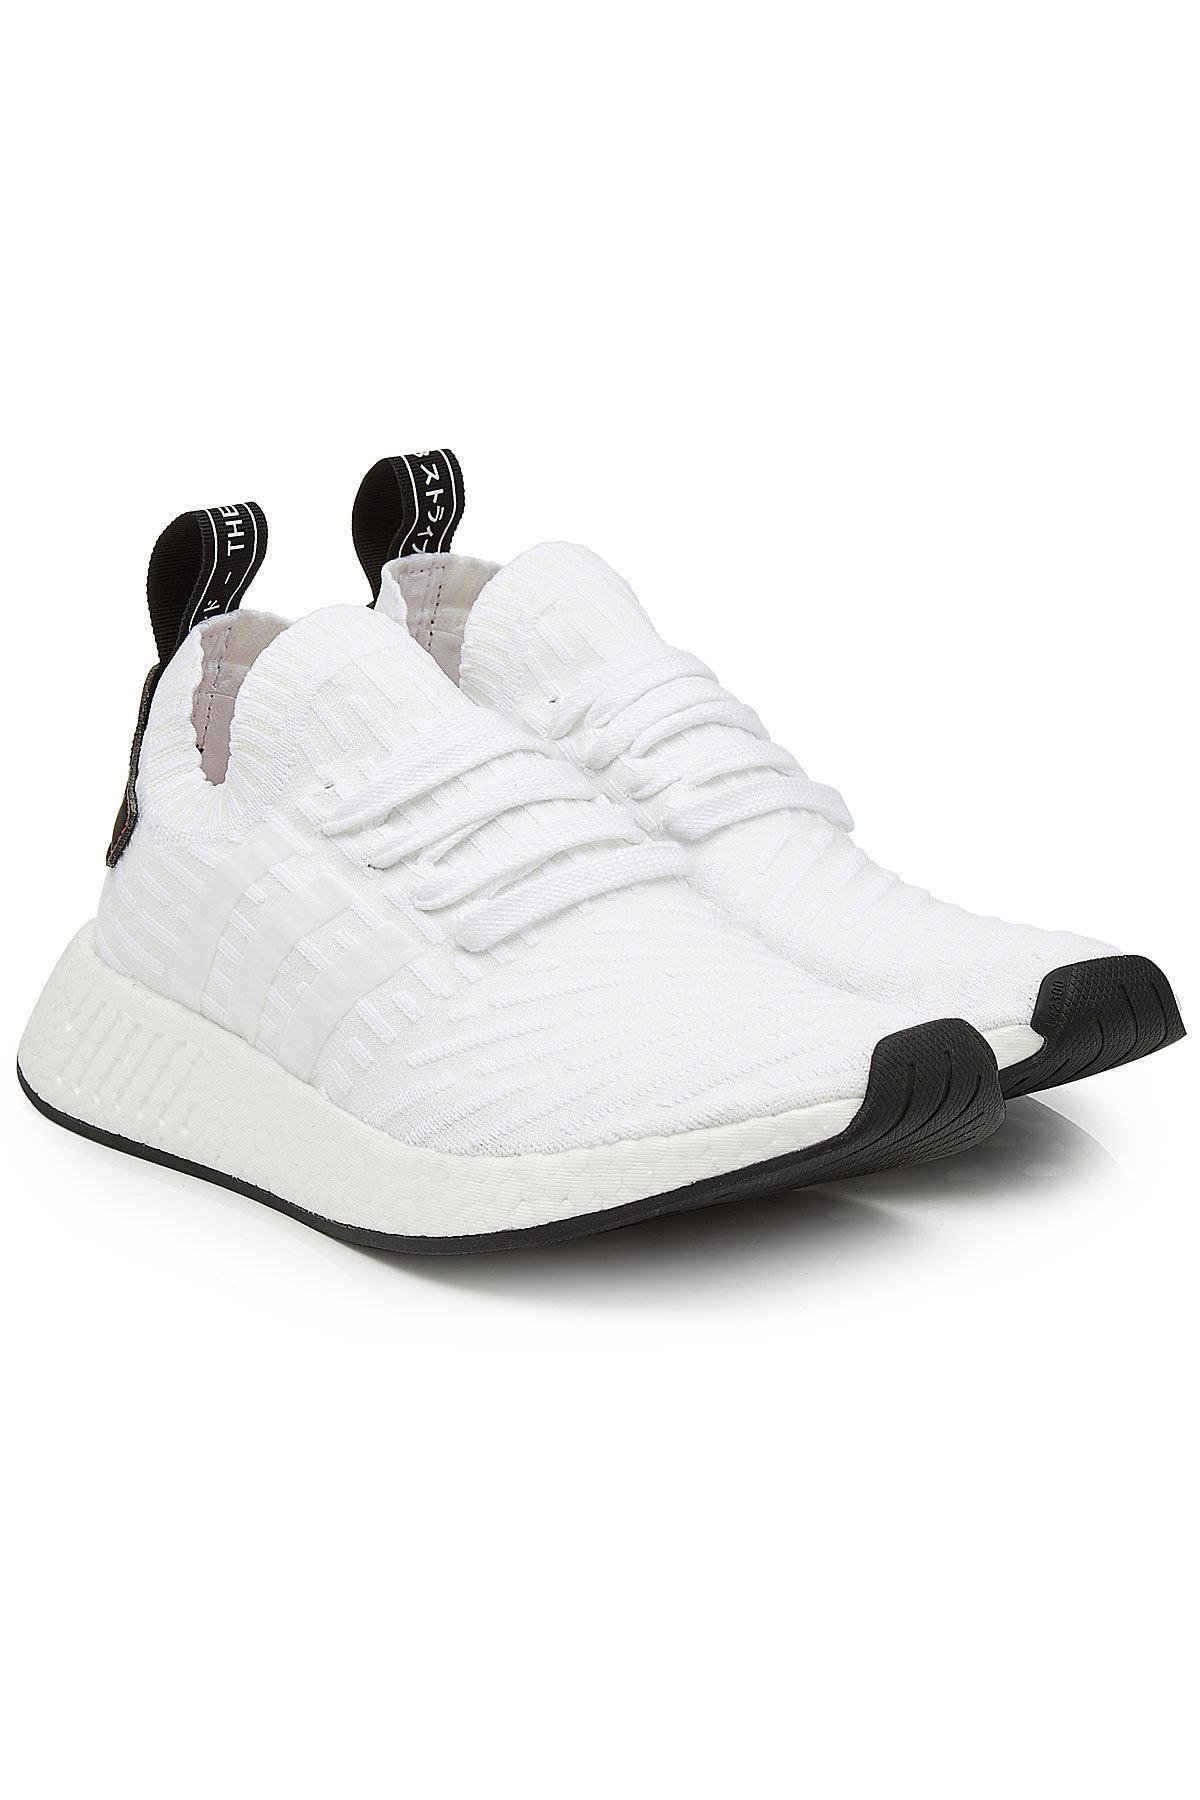 lyst adidas originali nmd r2 primeknit scarpe bianche per gli uomini.